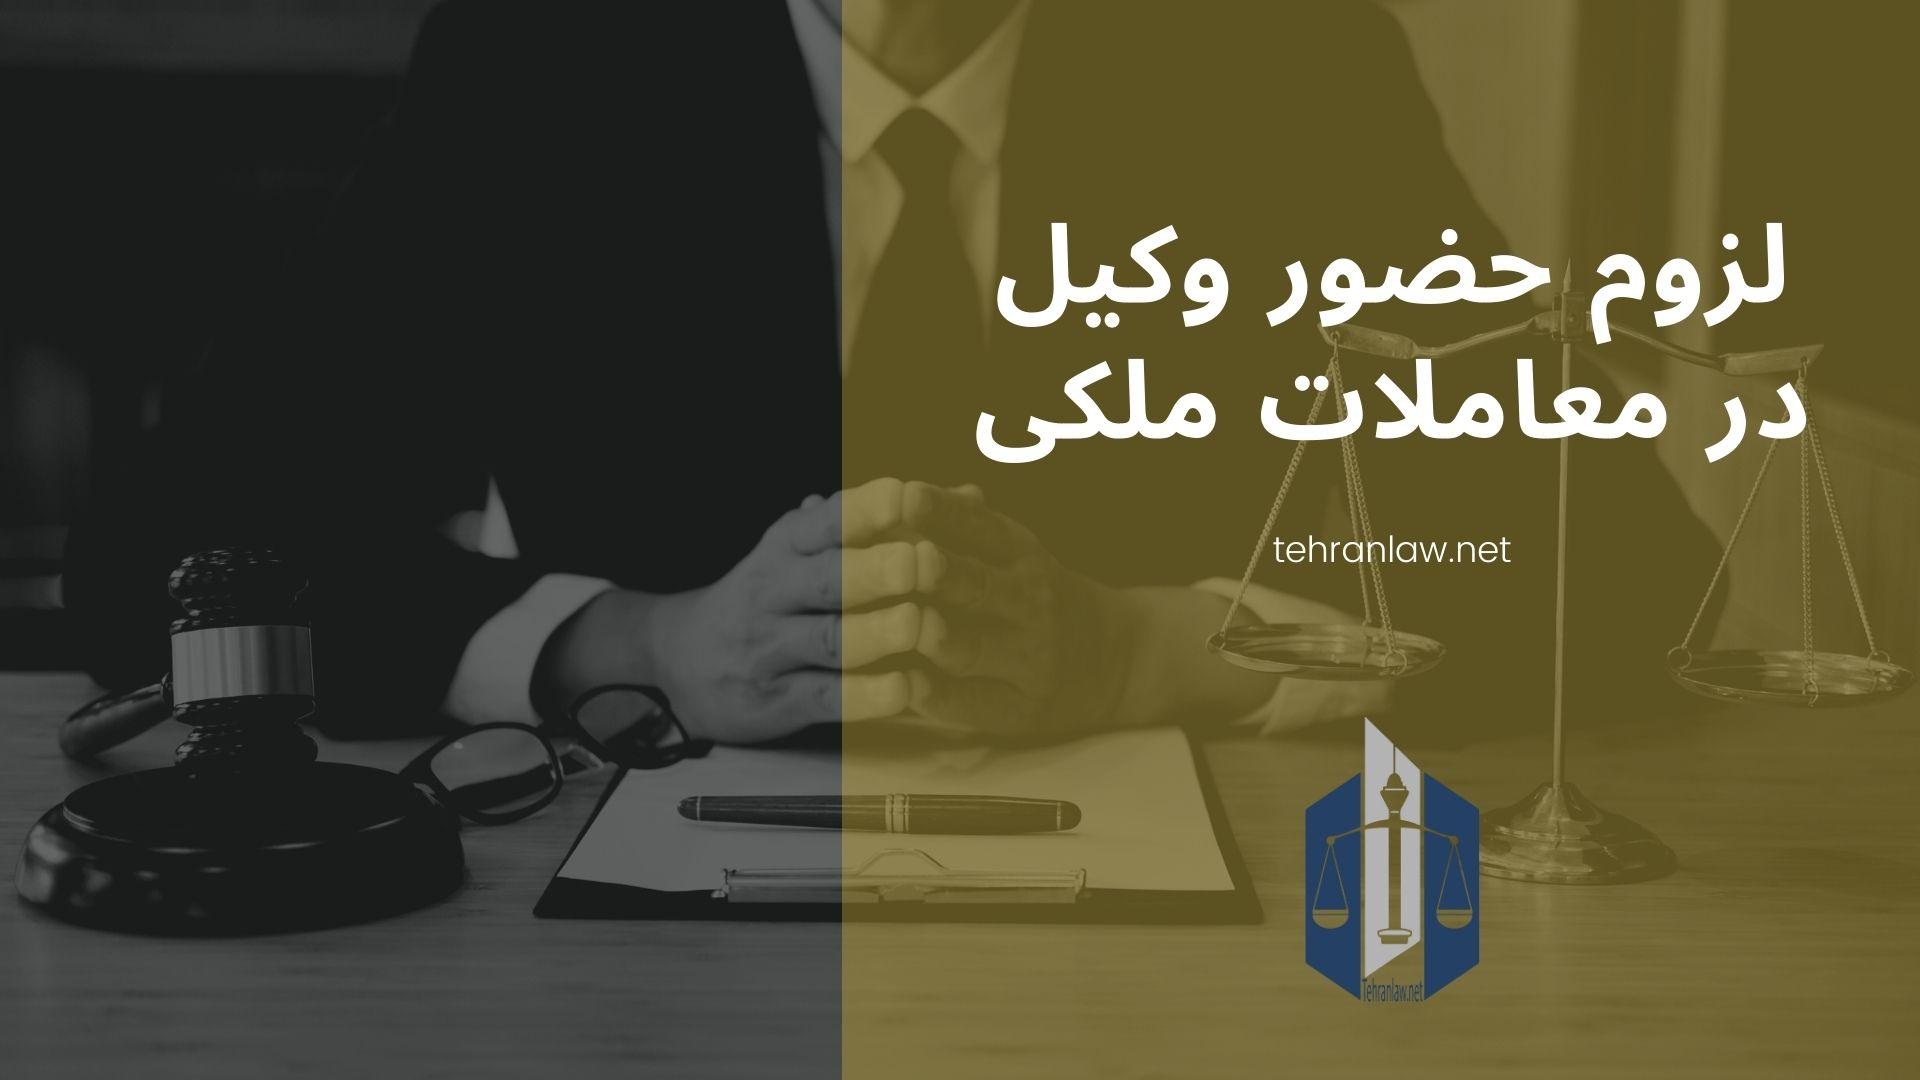 لزوم حضور وکیل در معاملات ملکی